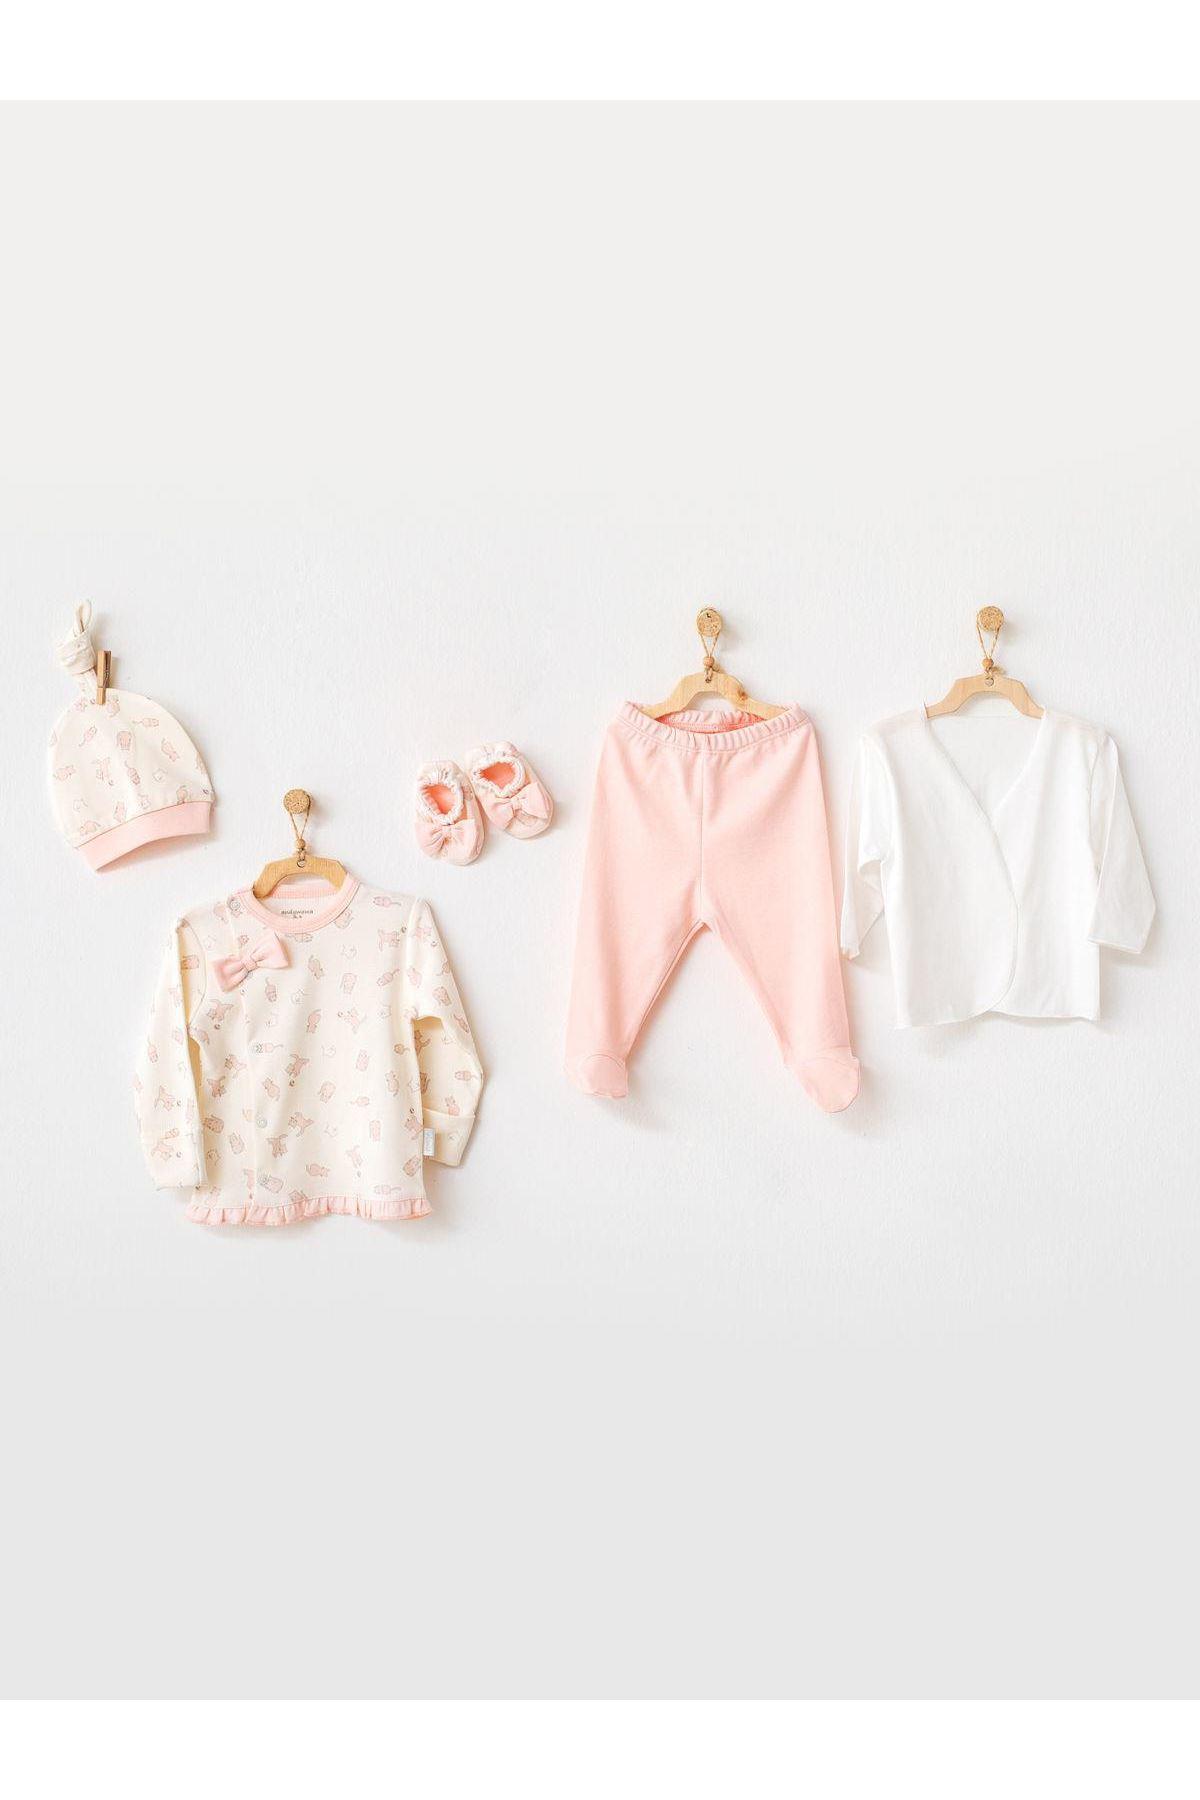 Andywawa AC21100 Meow 5 Parça Bebek Zıbın Seti Hastane Çıkışı Pink